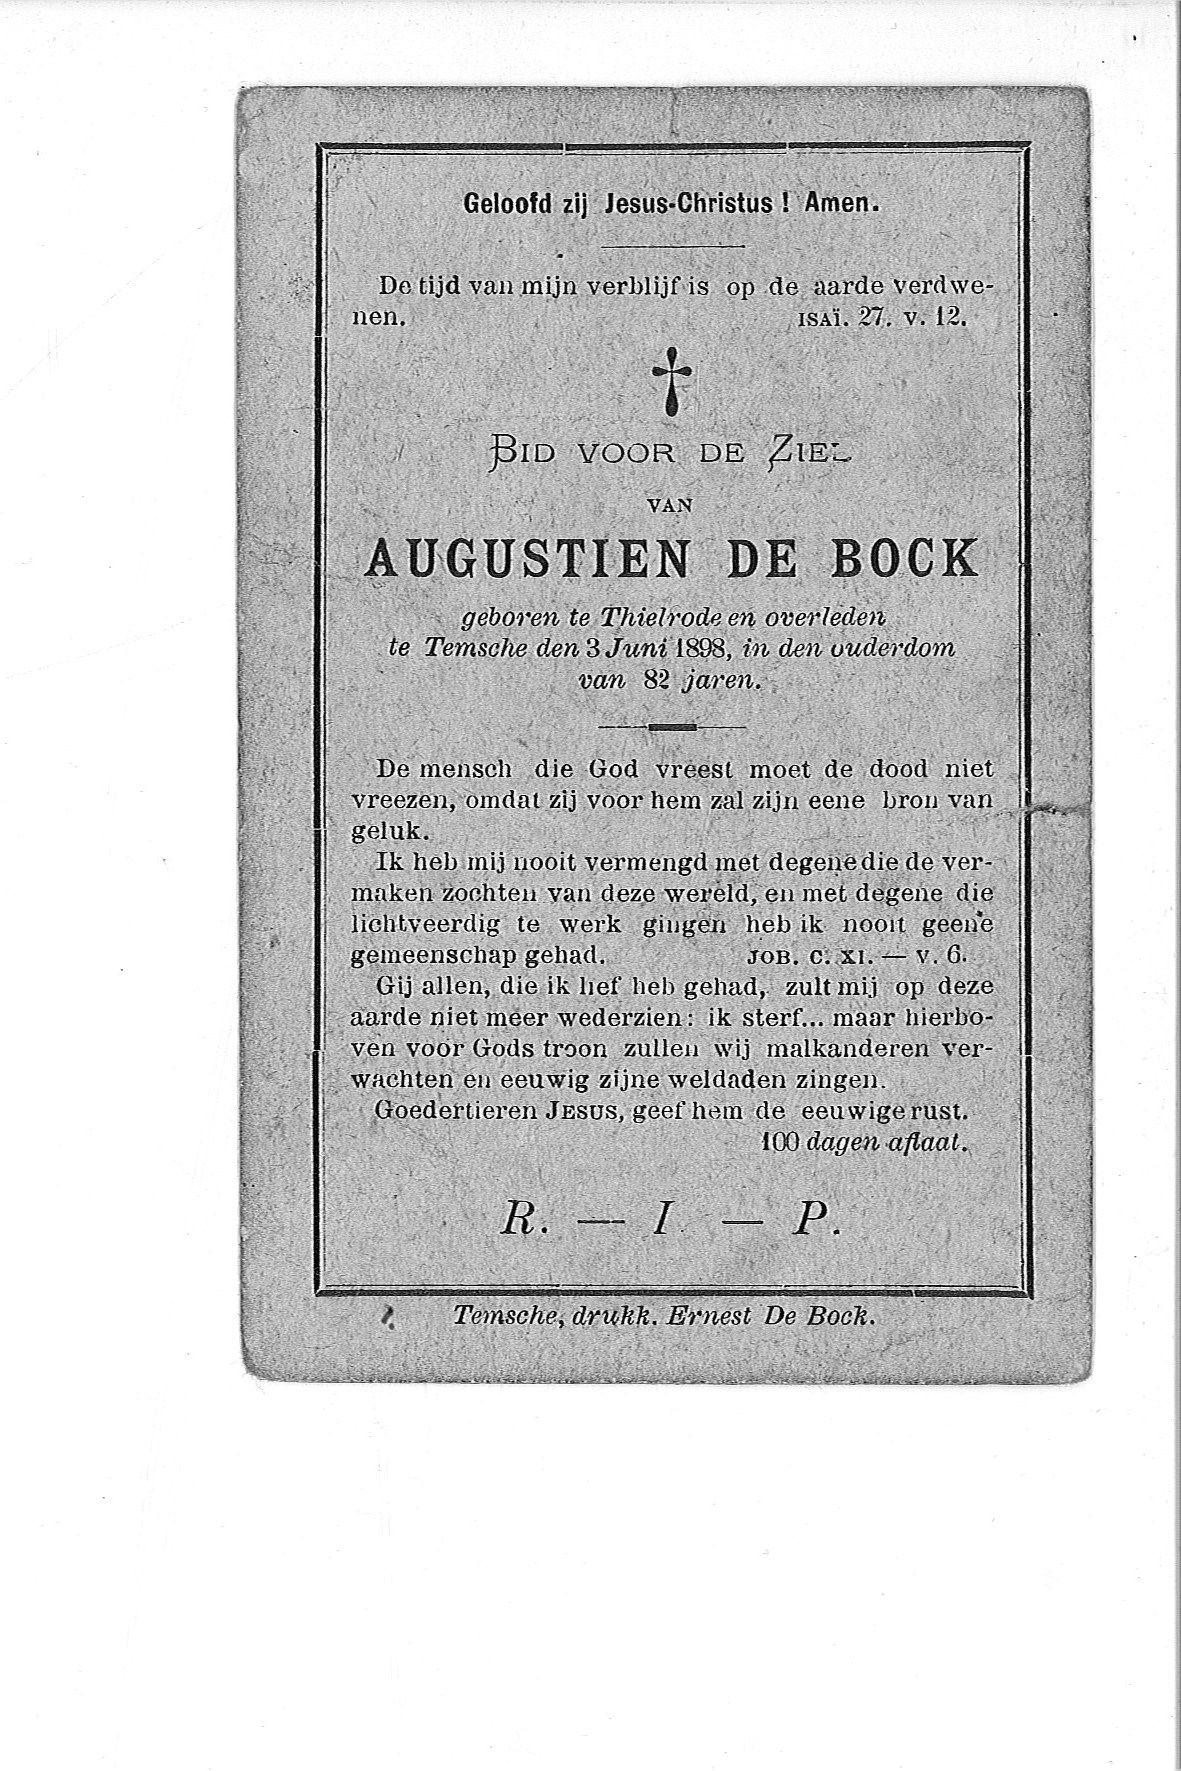 augustien-(1898)20090330085831_00006.jpg